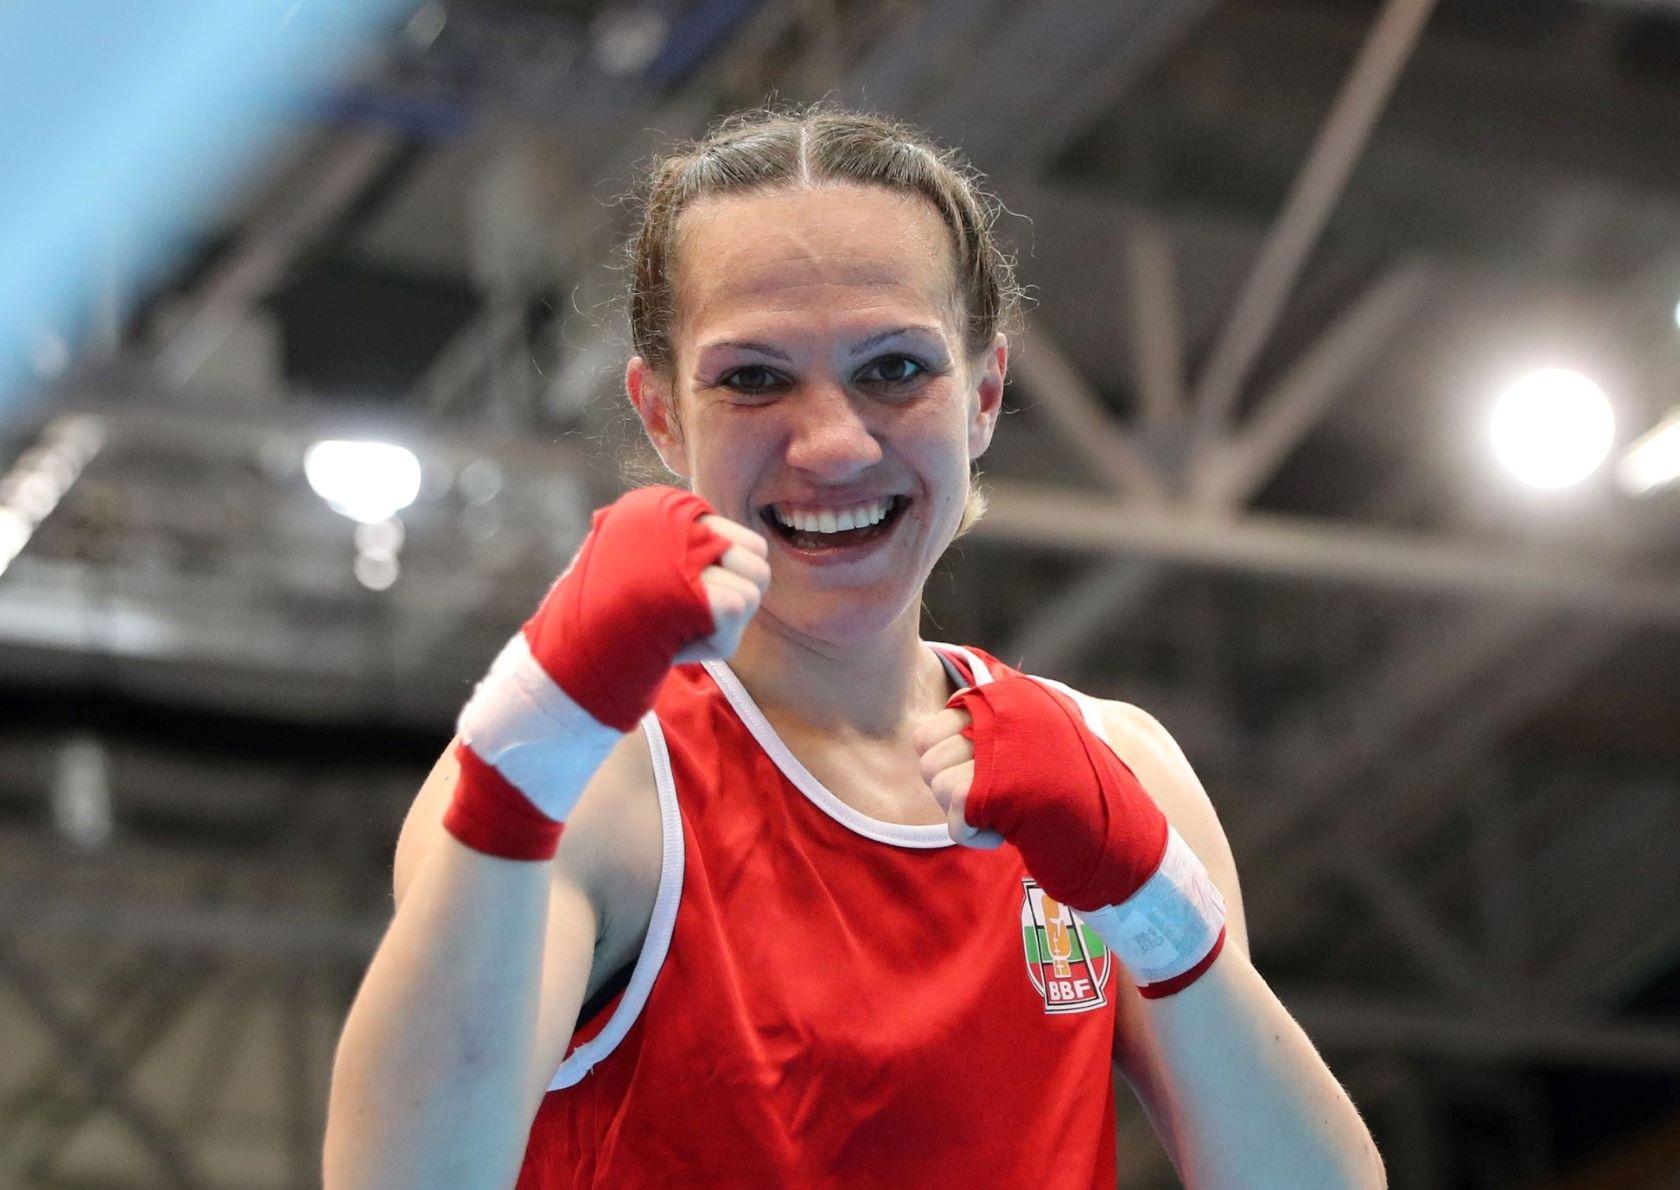 Станимира Петрова припомни славен момент в своята кариера (СНИМКА)